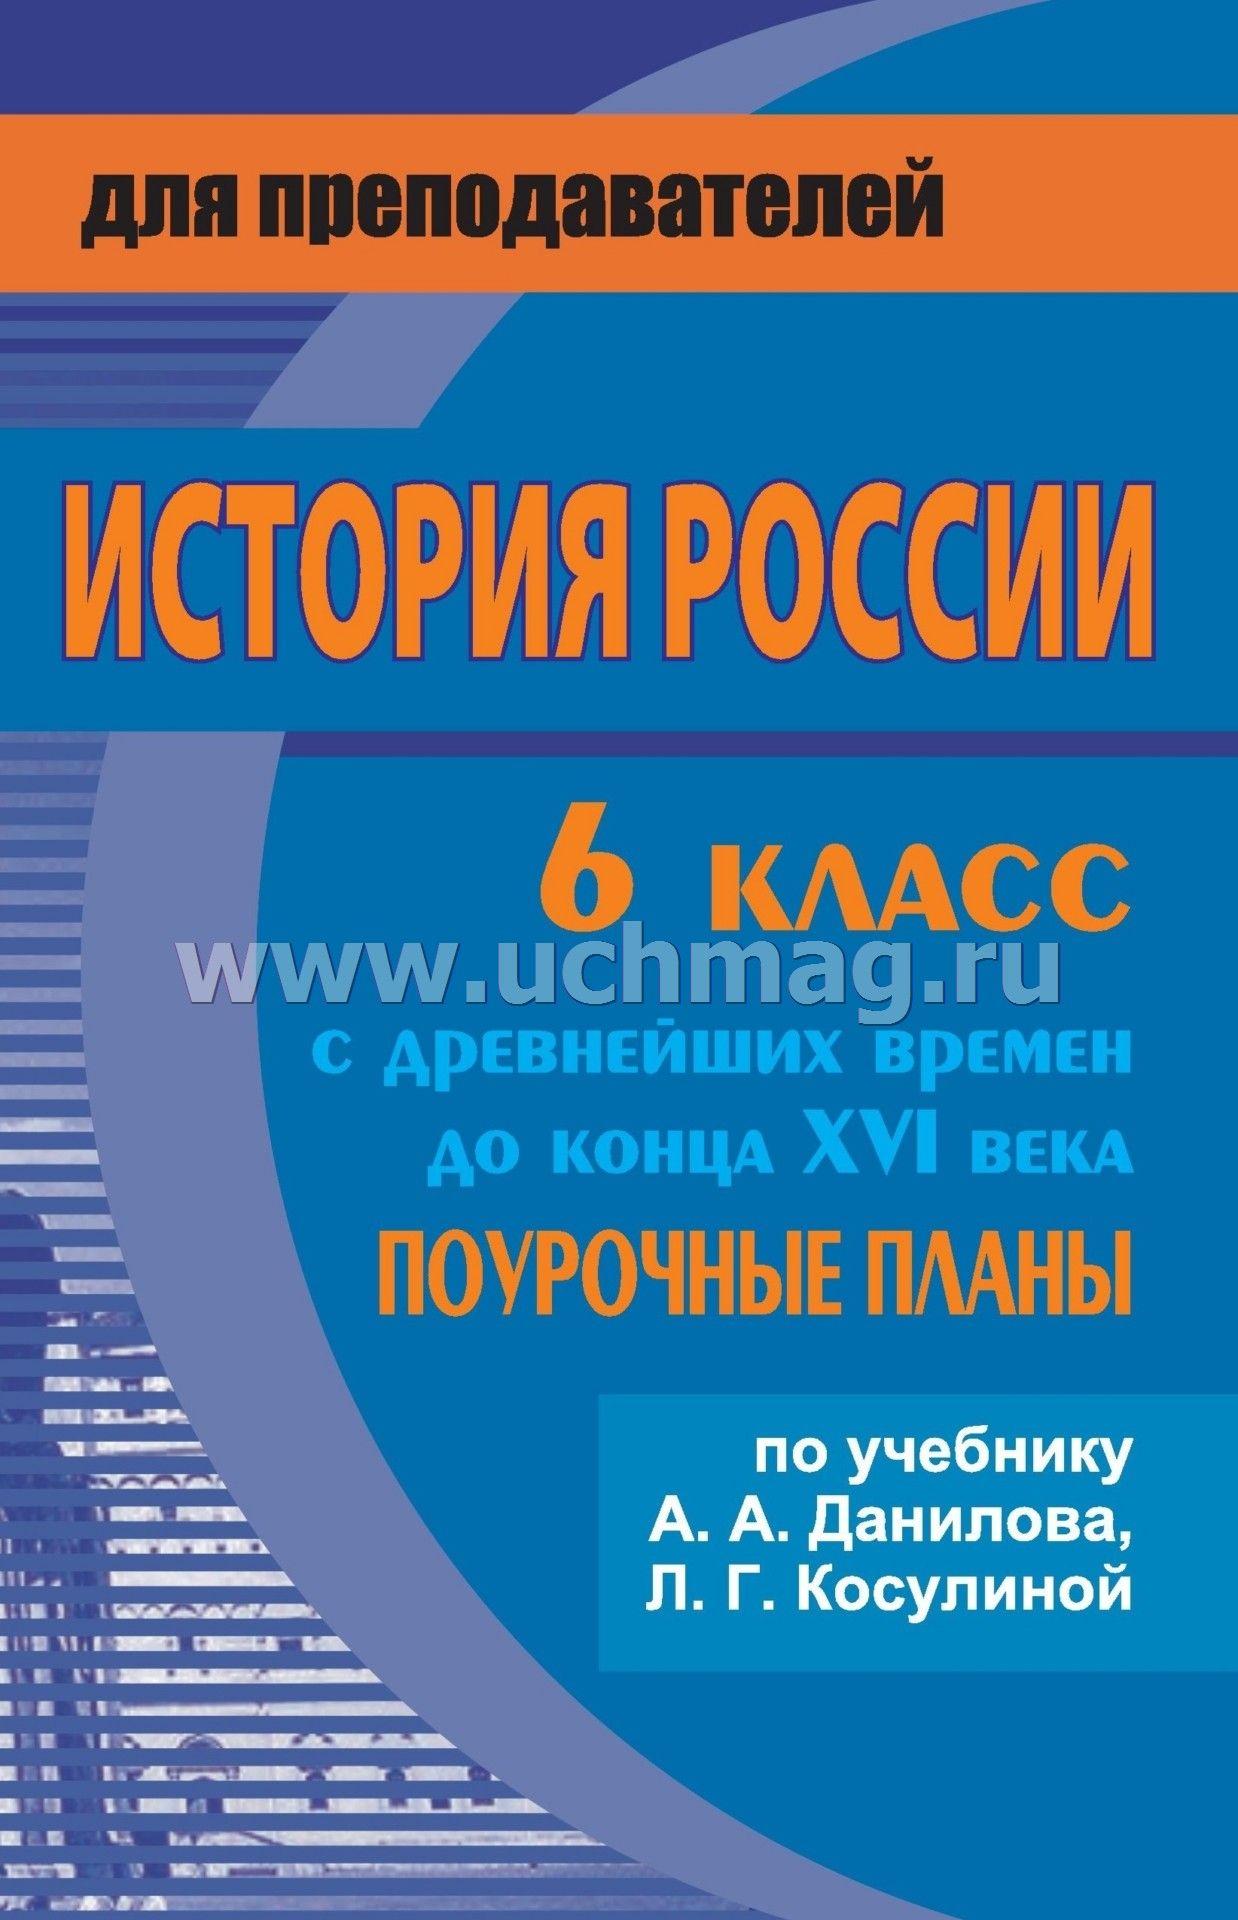 Рабочие программы по истории россии в 6 классе данилова и косулиной